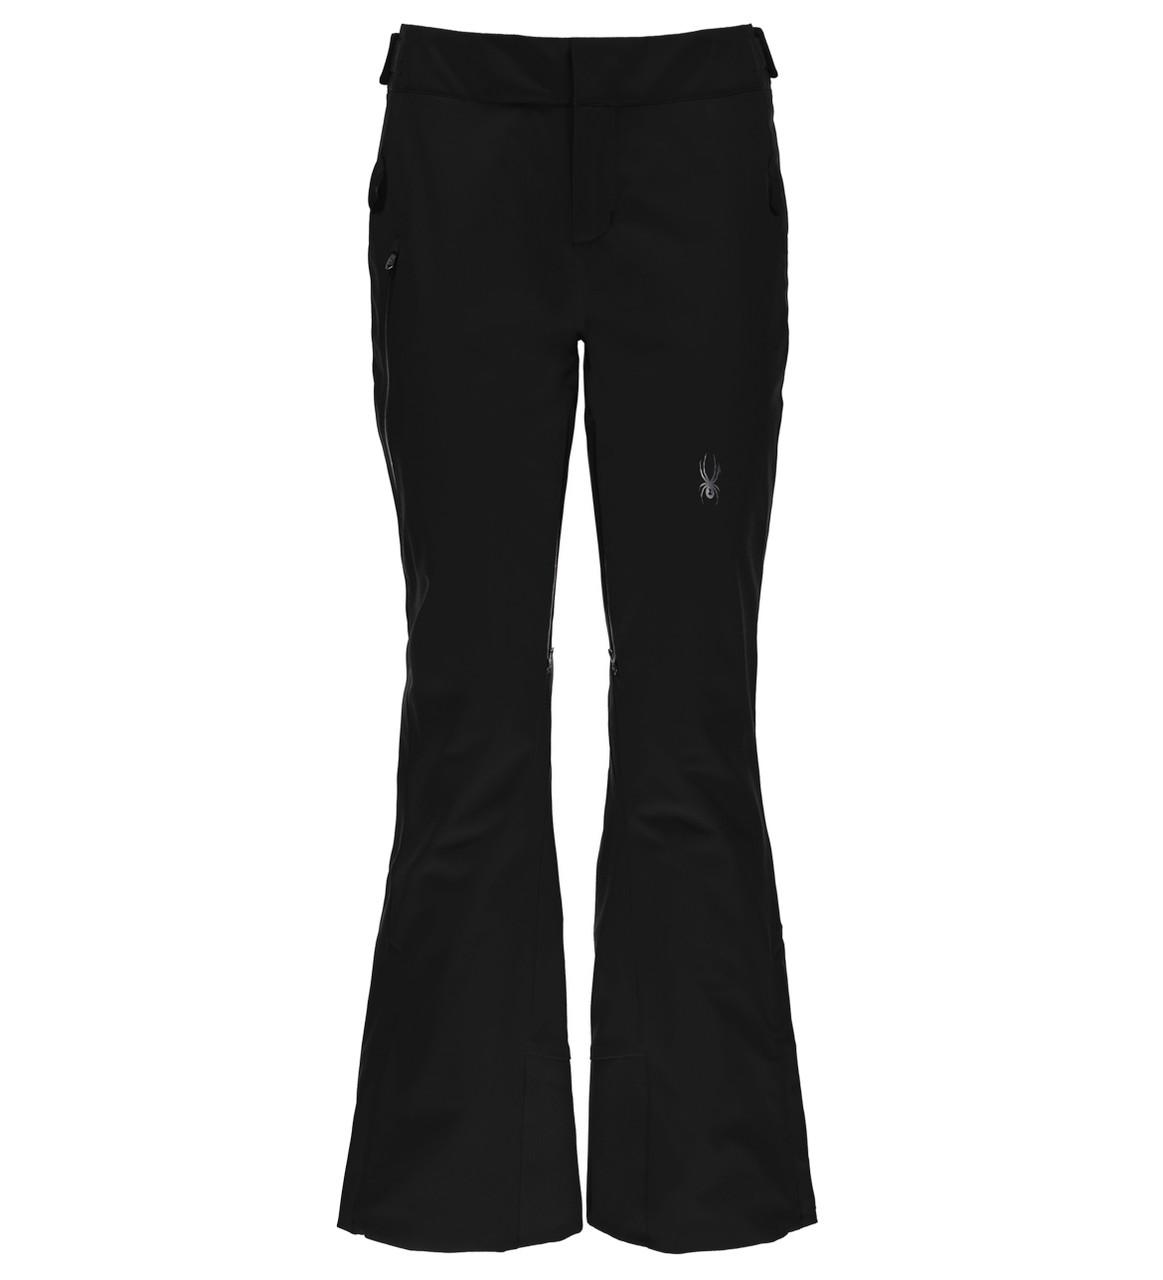 Горнолыжные брюки женские Spyder Temerity black (MD)